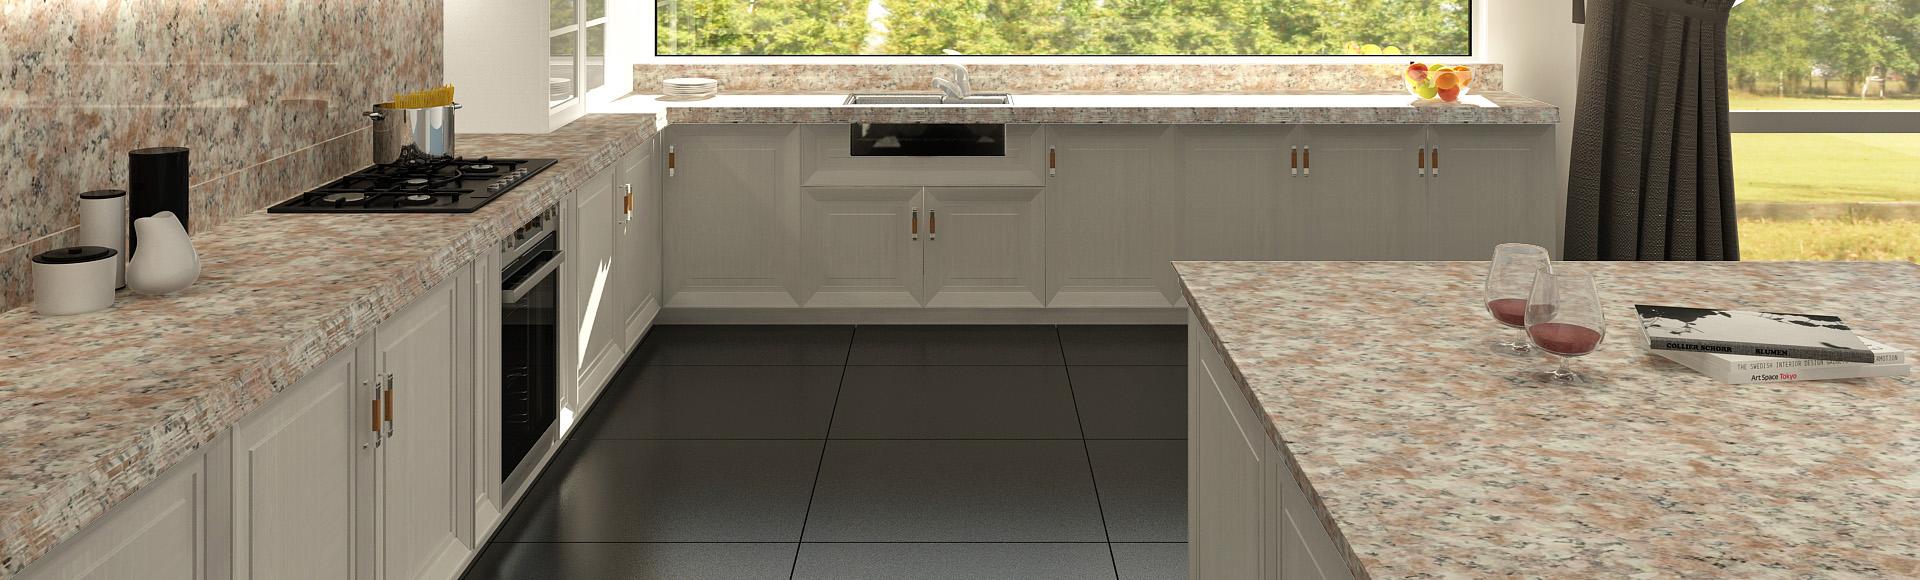 Mesadas de granito rosetto para cocina mesadas baremes for Colores de granito para encimeras